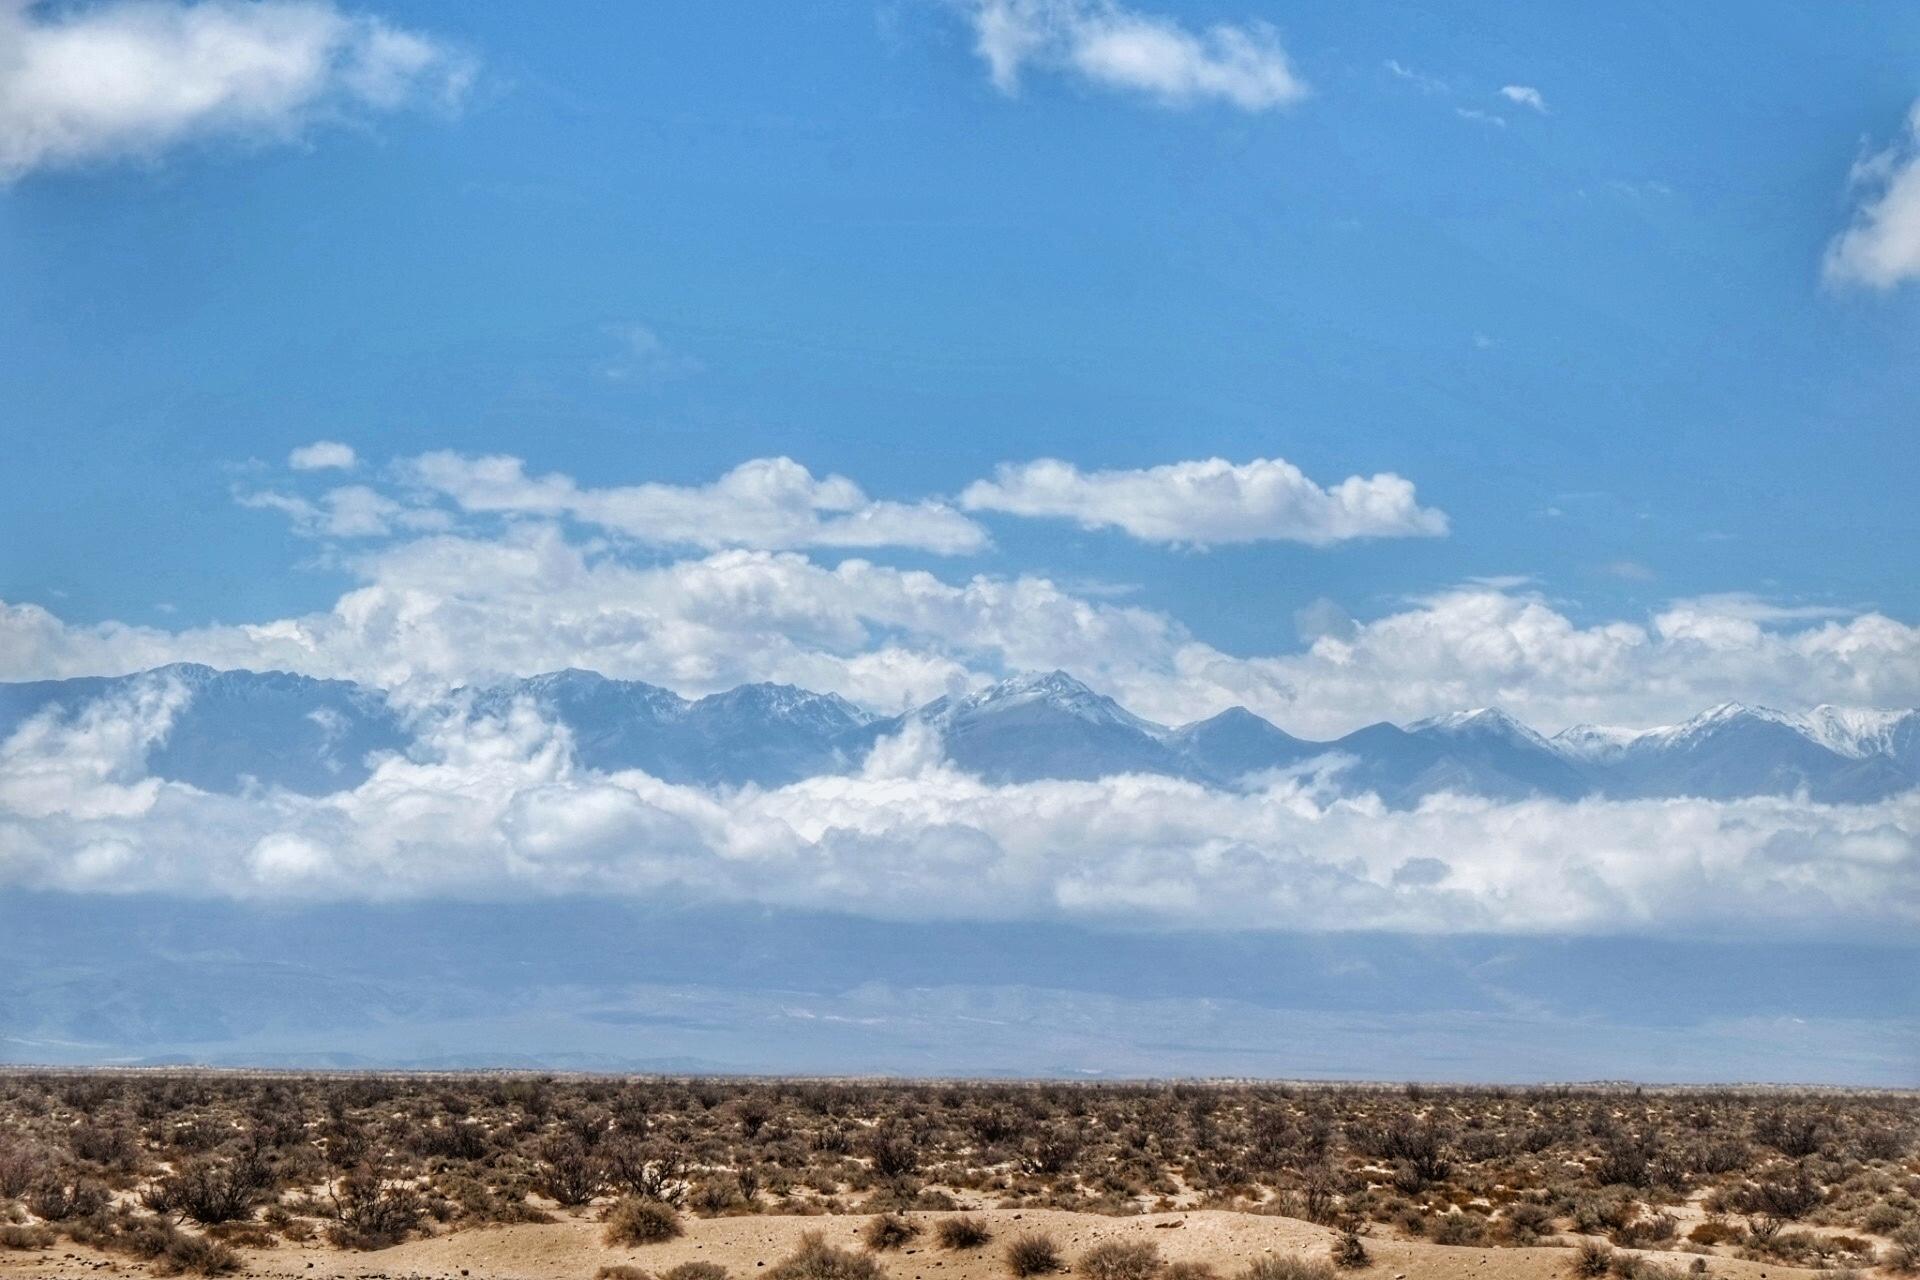 Wie hoch mögen die Berge am Horizont sein wenn wir schon auf 2300 Hm sind